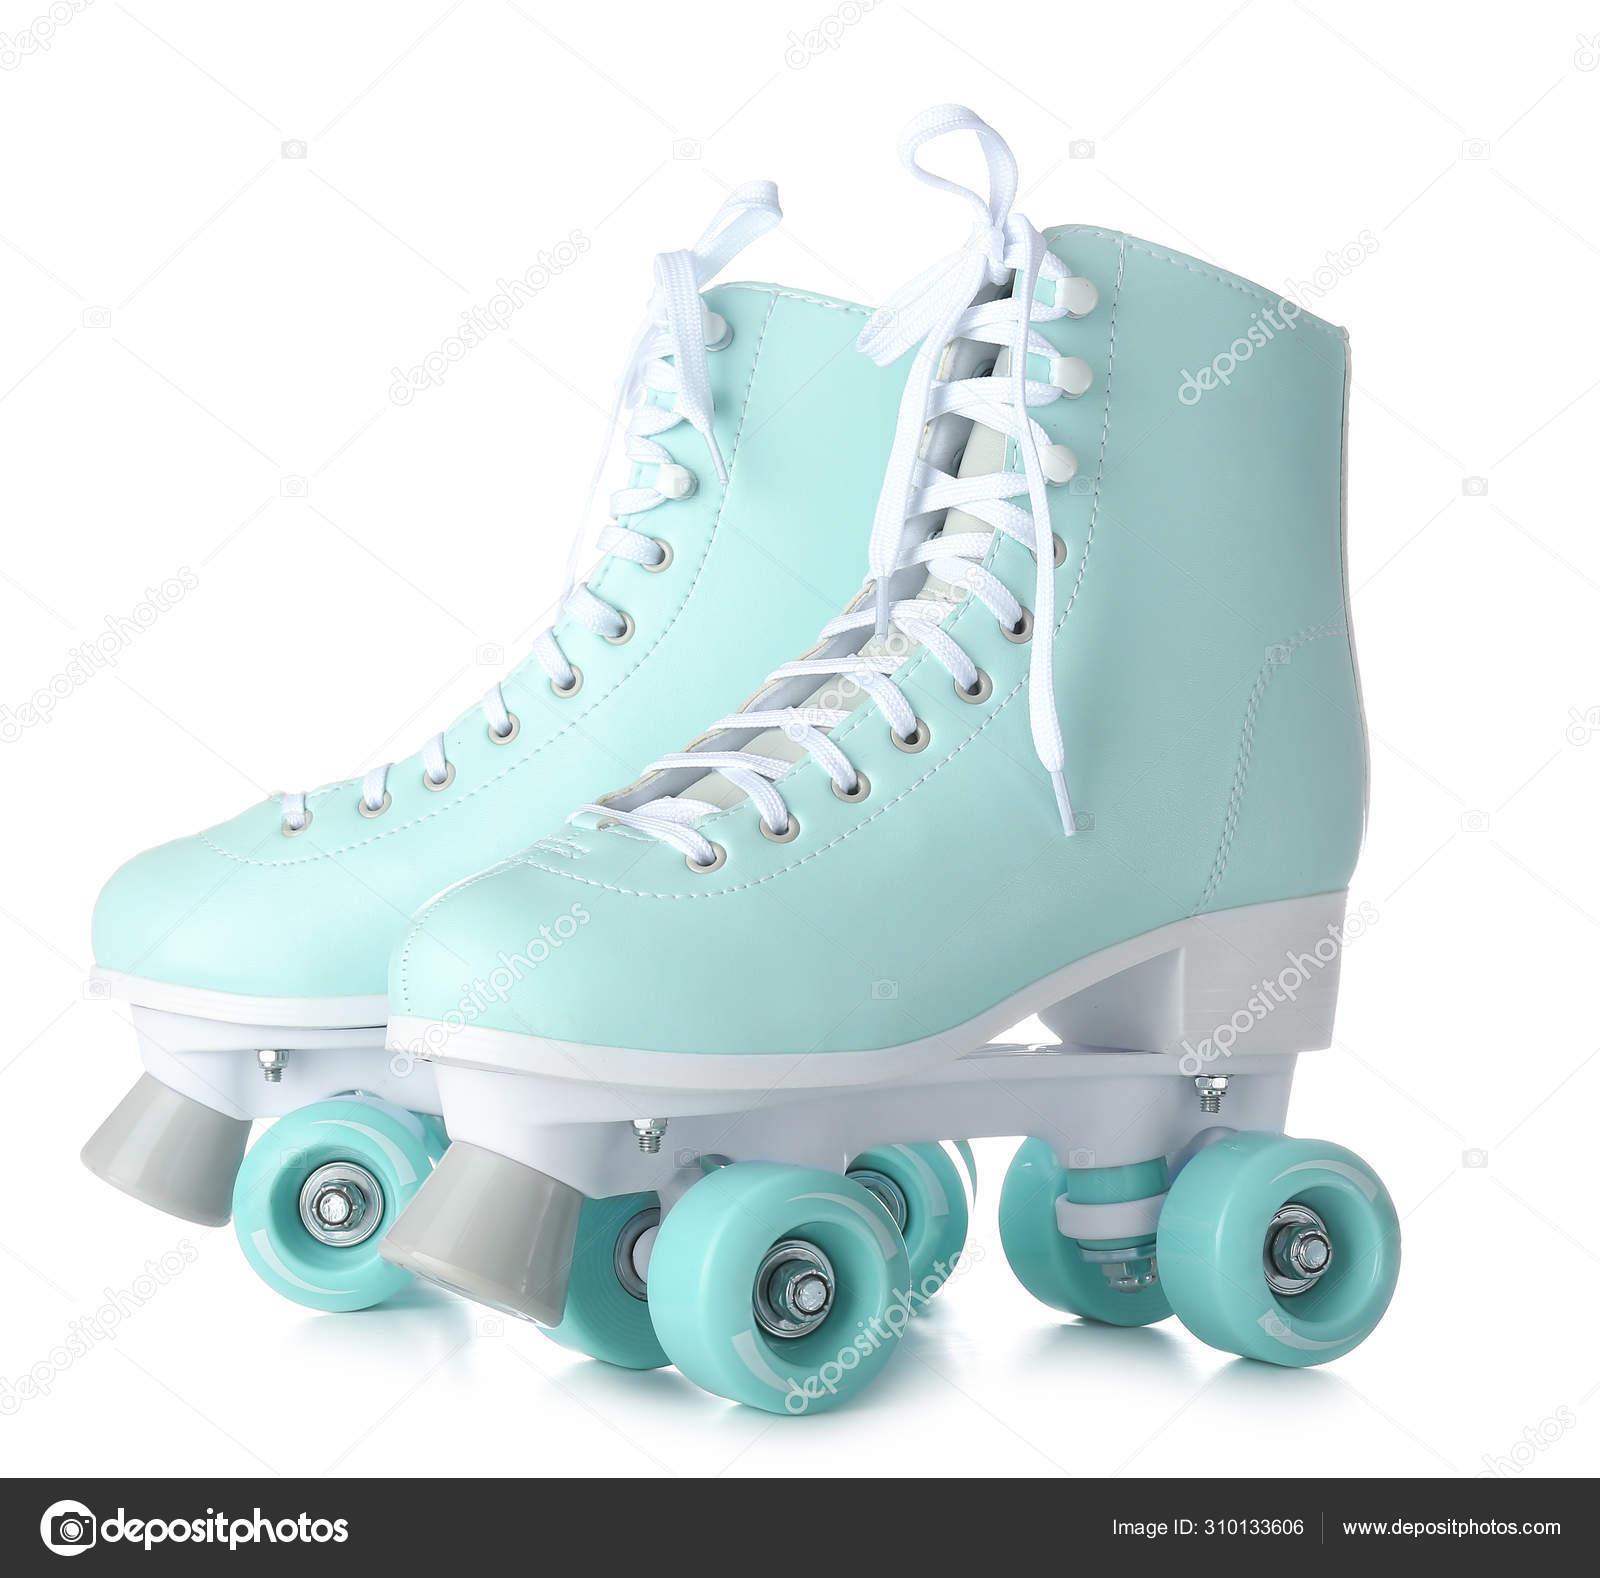 Vintage Roller Skates On White Background Stock Photo C Serezniy 310133606